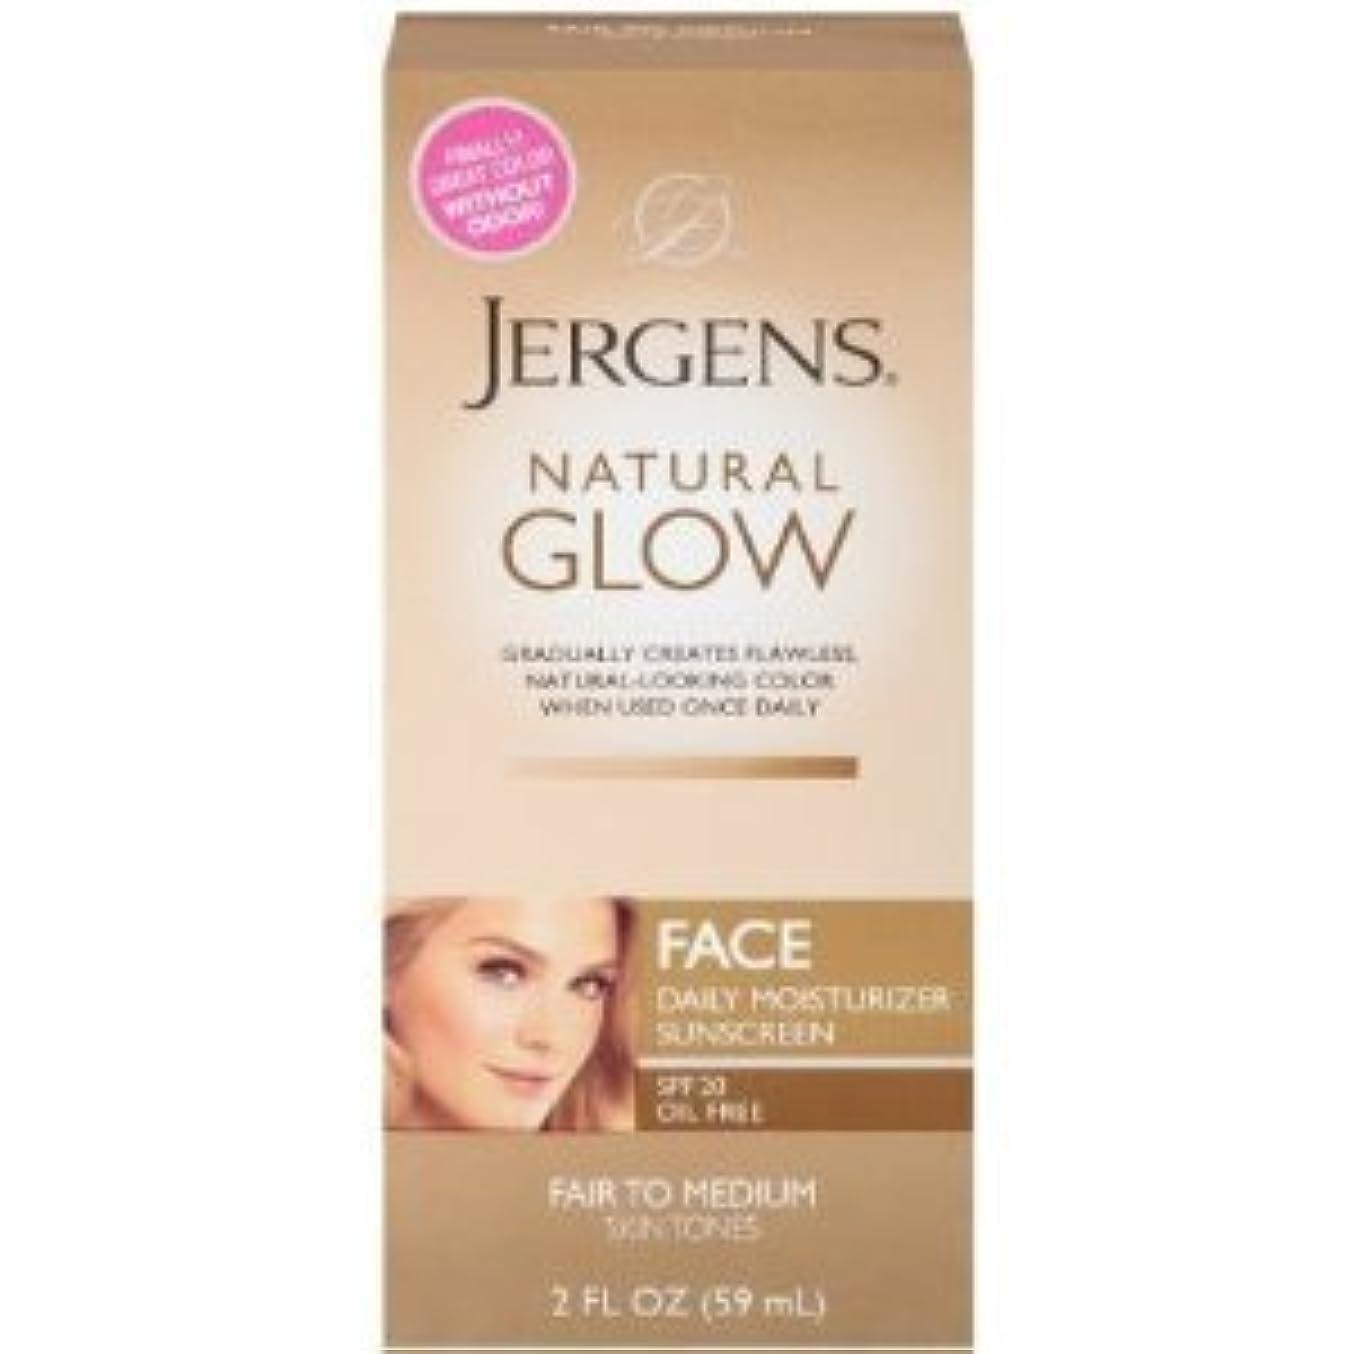 トースト大工郵便Natural Glow Healthy Complexion Daily Facial Moisturizer, SPF 20, Fair to Medium Tan, (59ml) (海外直送品)